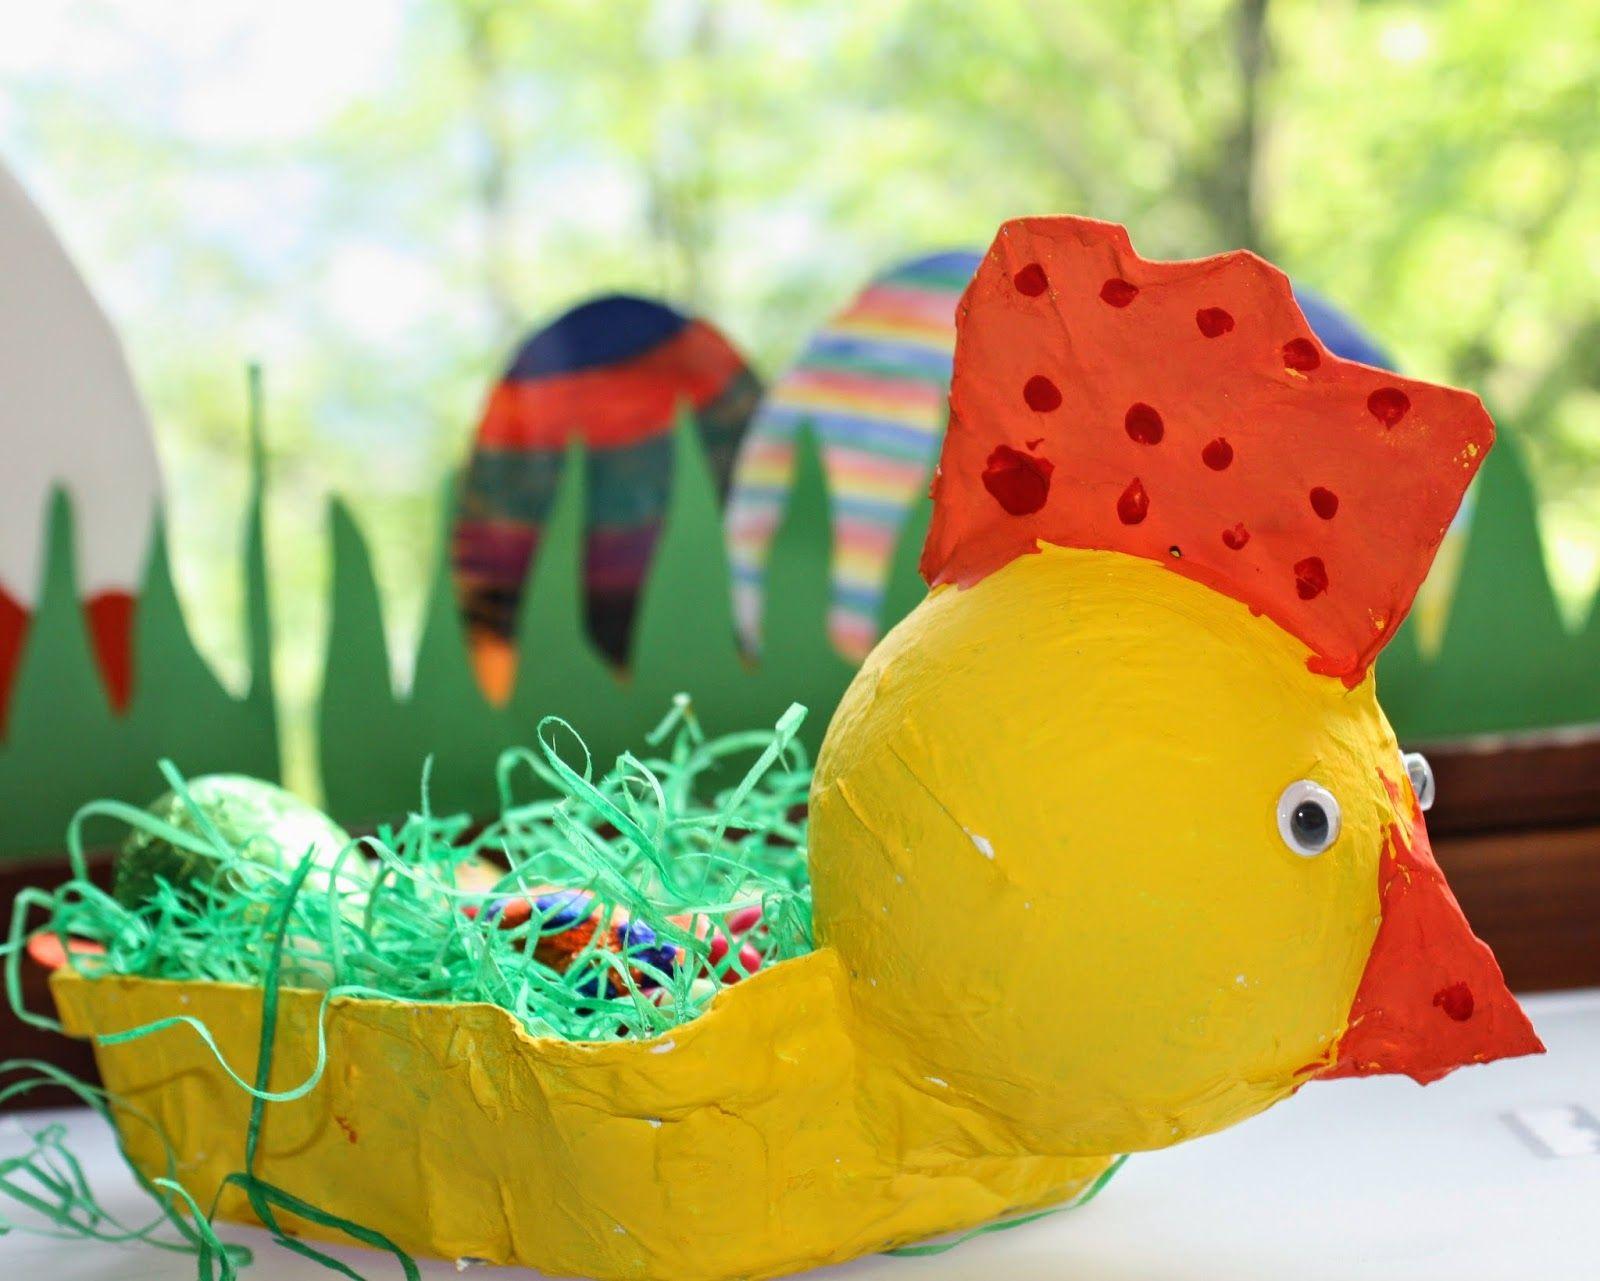 Ostern kann kommen!    Etwas knapp.. ich weiss! Aber wir haben es einfach nicht früher fertig geschafft. Gerne möchte ich heute unsere Oste...